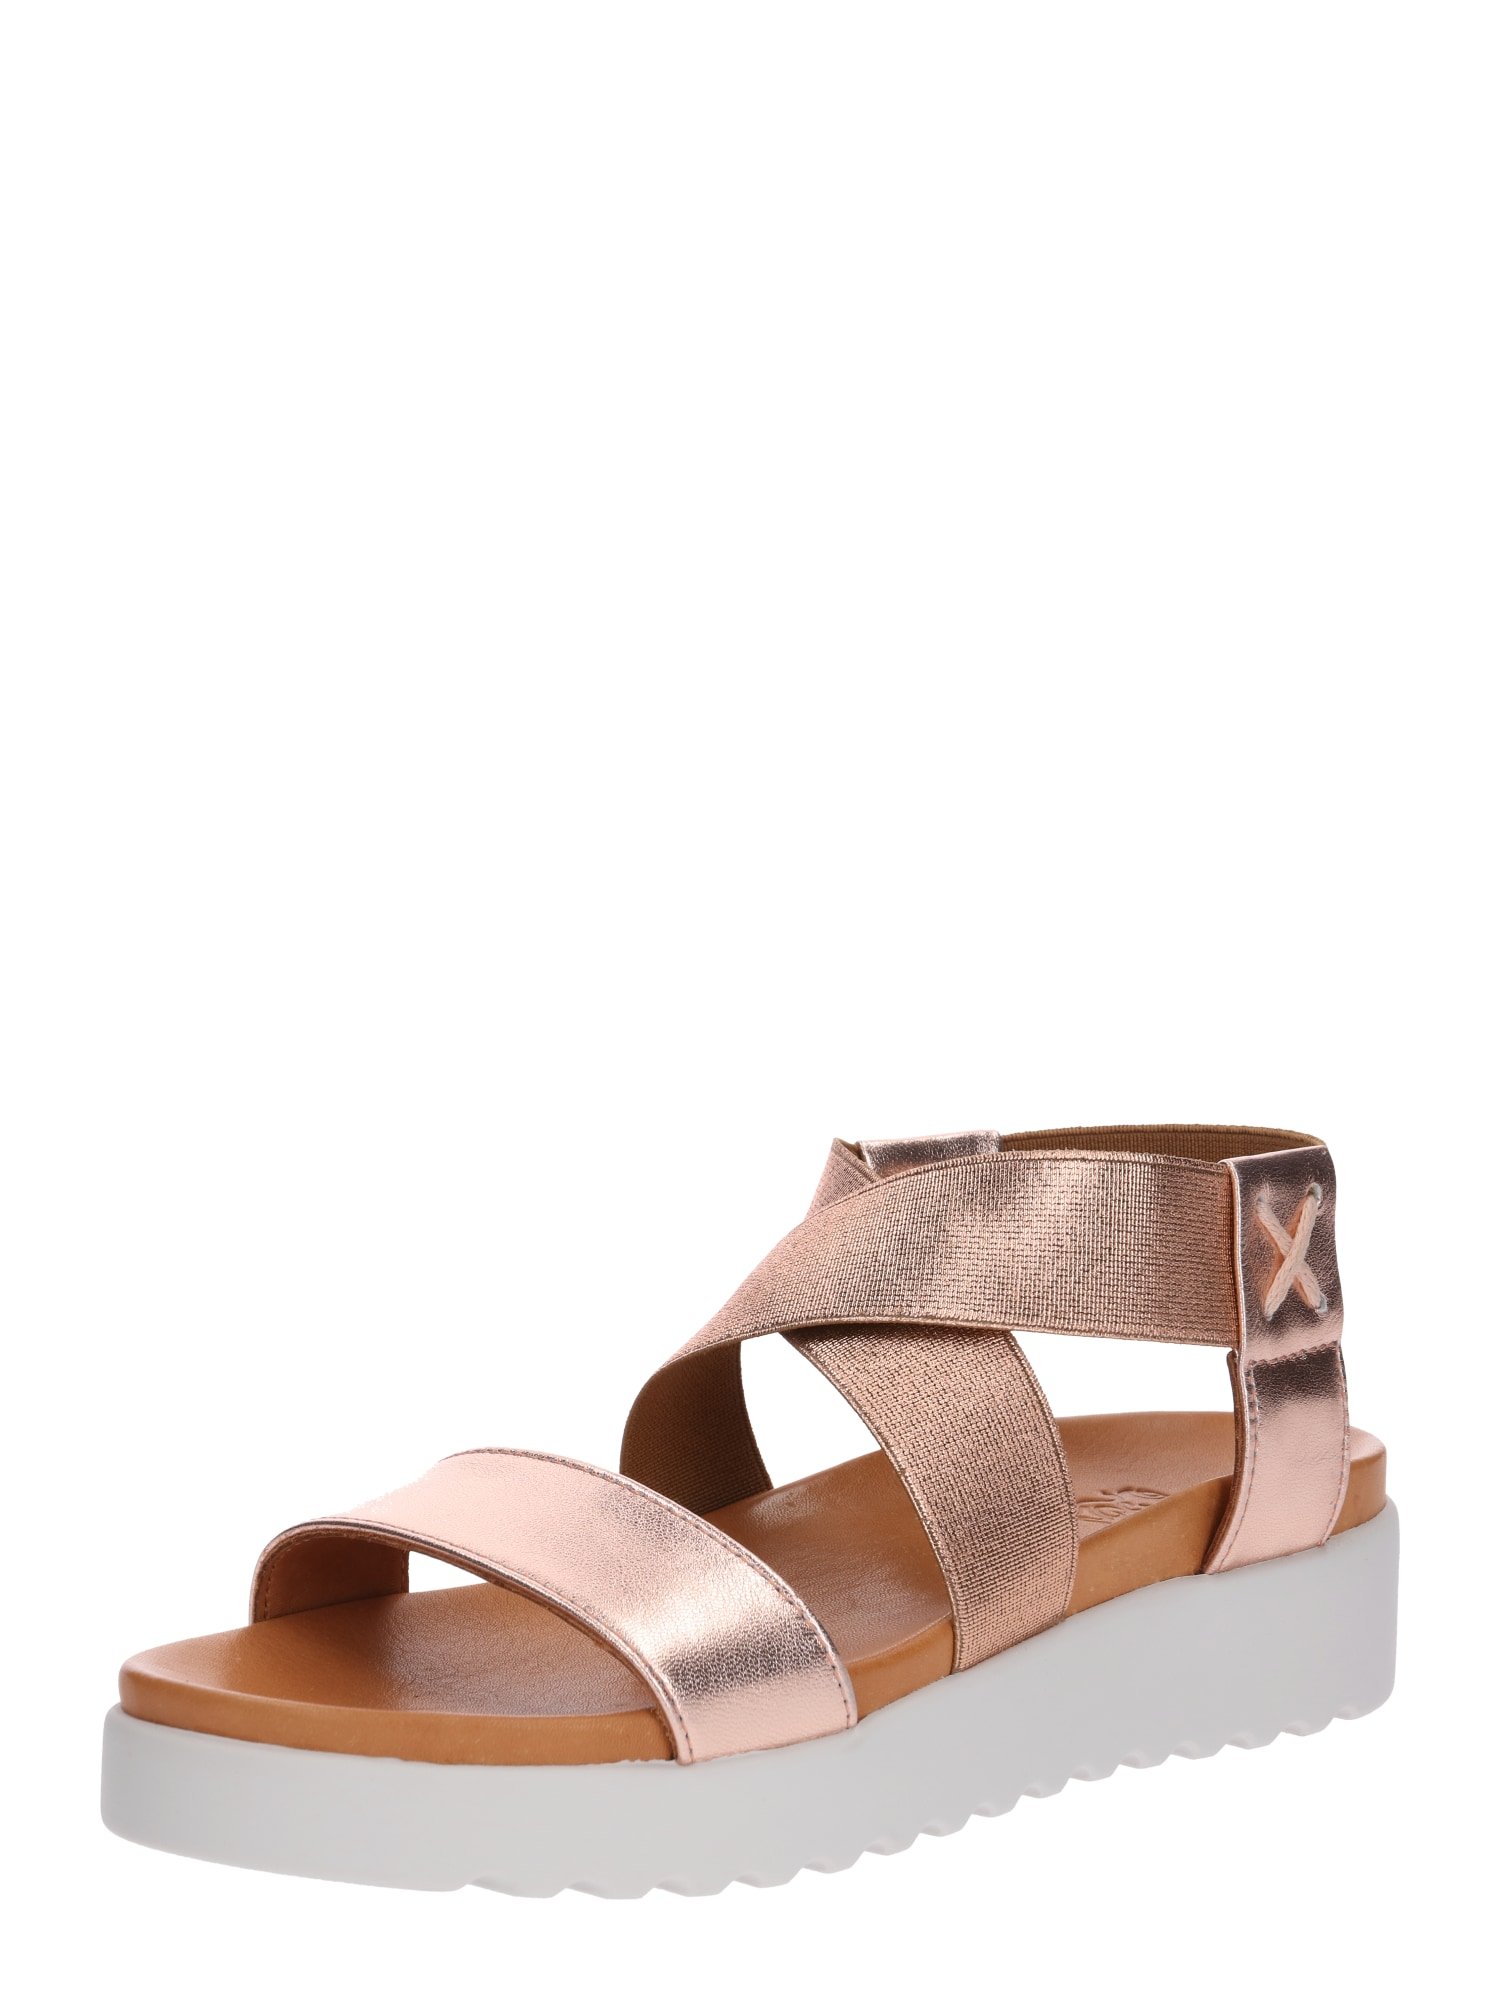 Páskové sandály Deia růžově zlatá Apple Of Eden